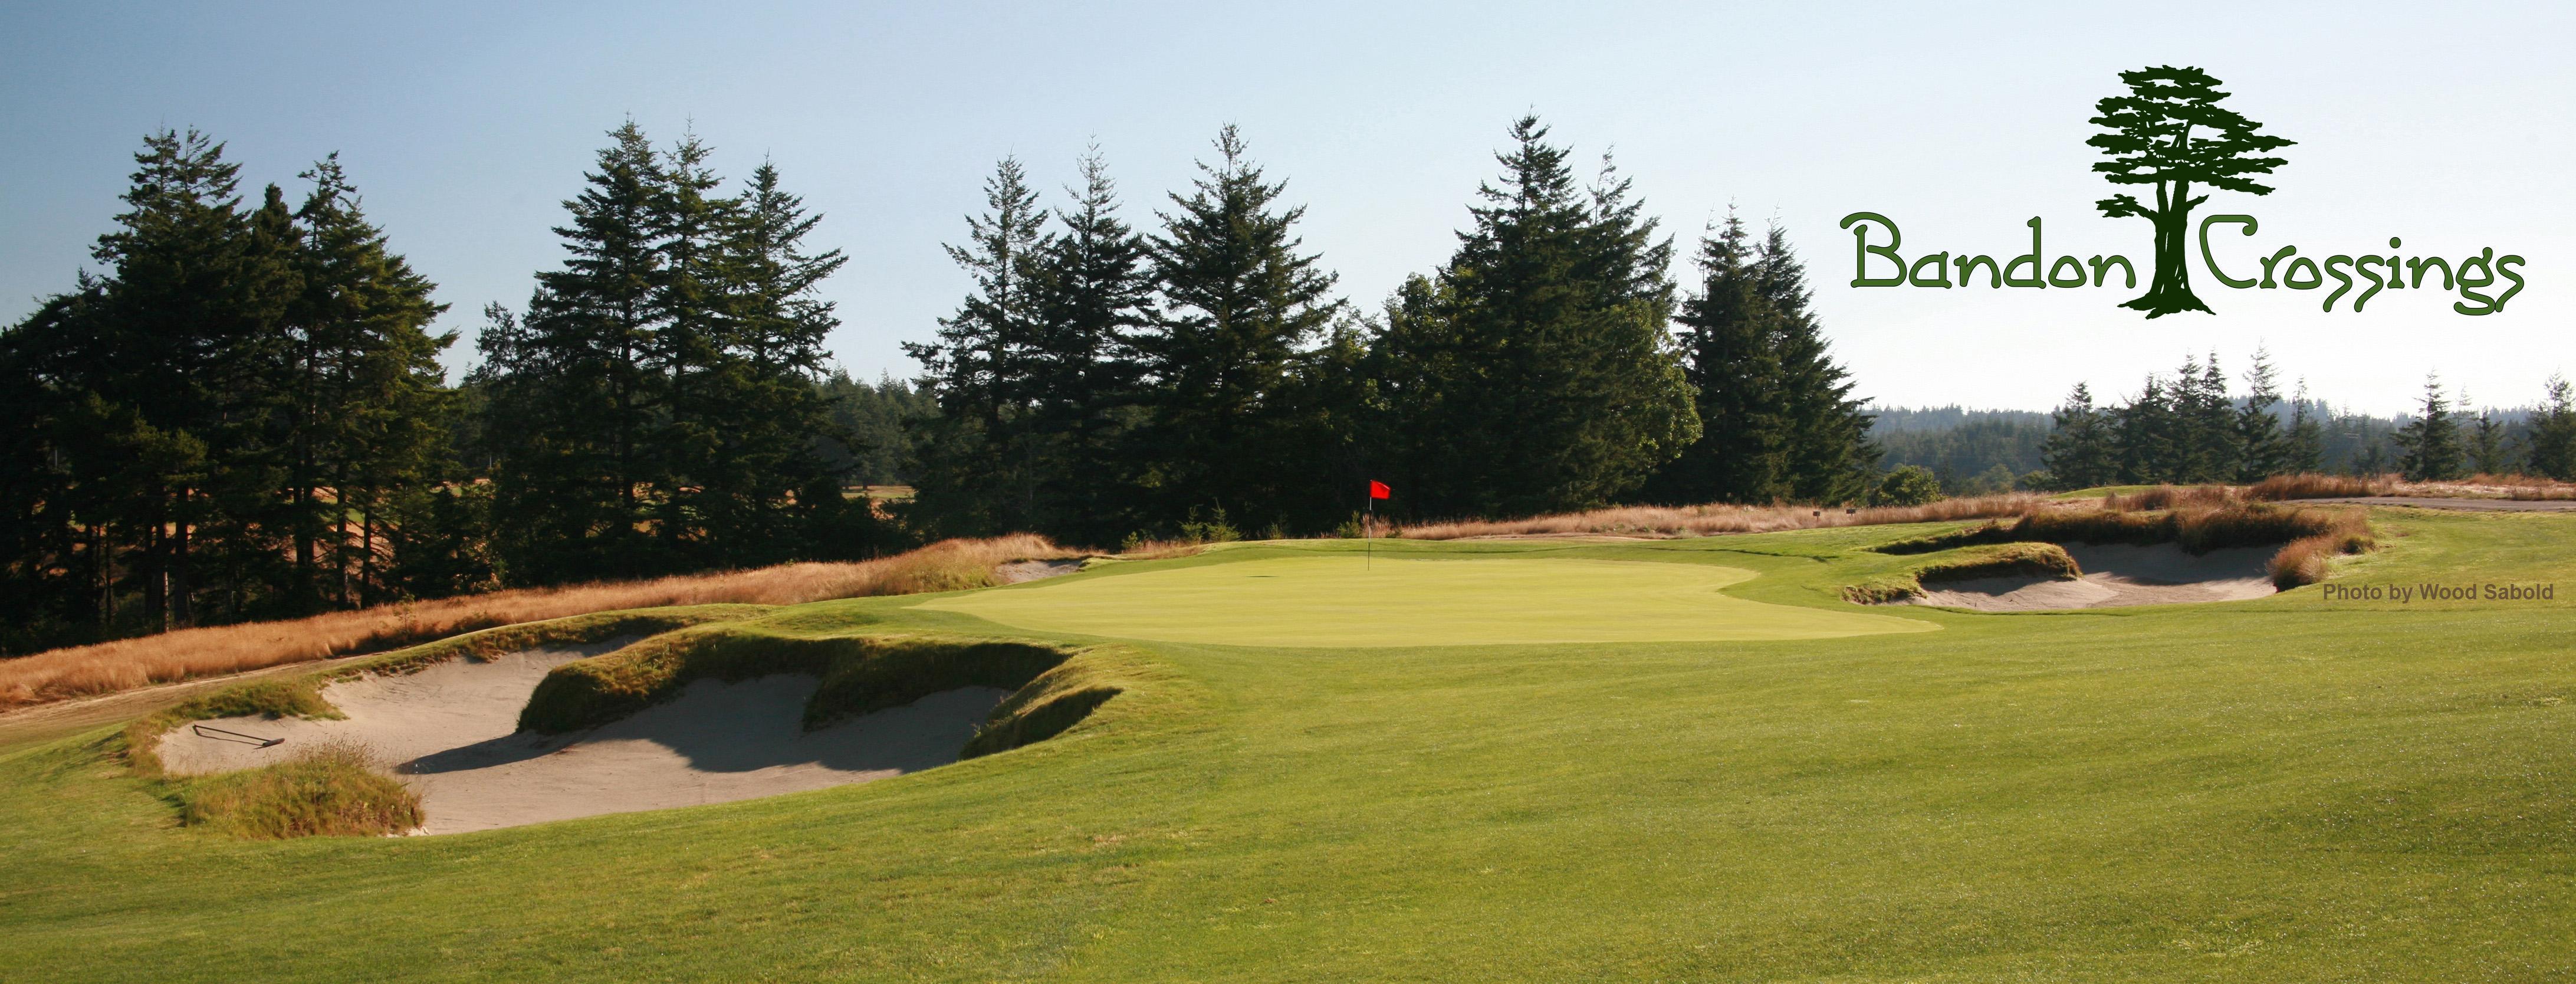 golf course in bandon oregon public golf course near medford